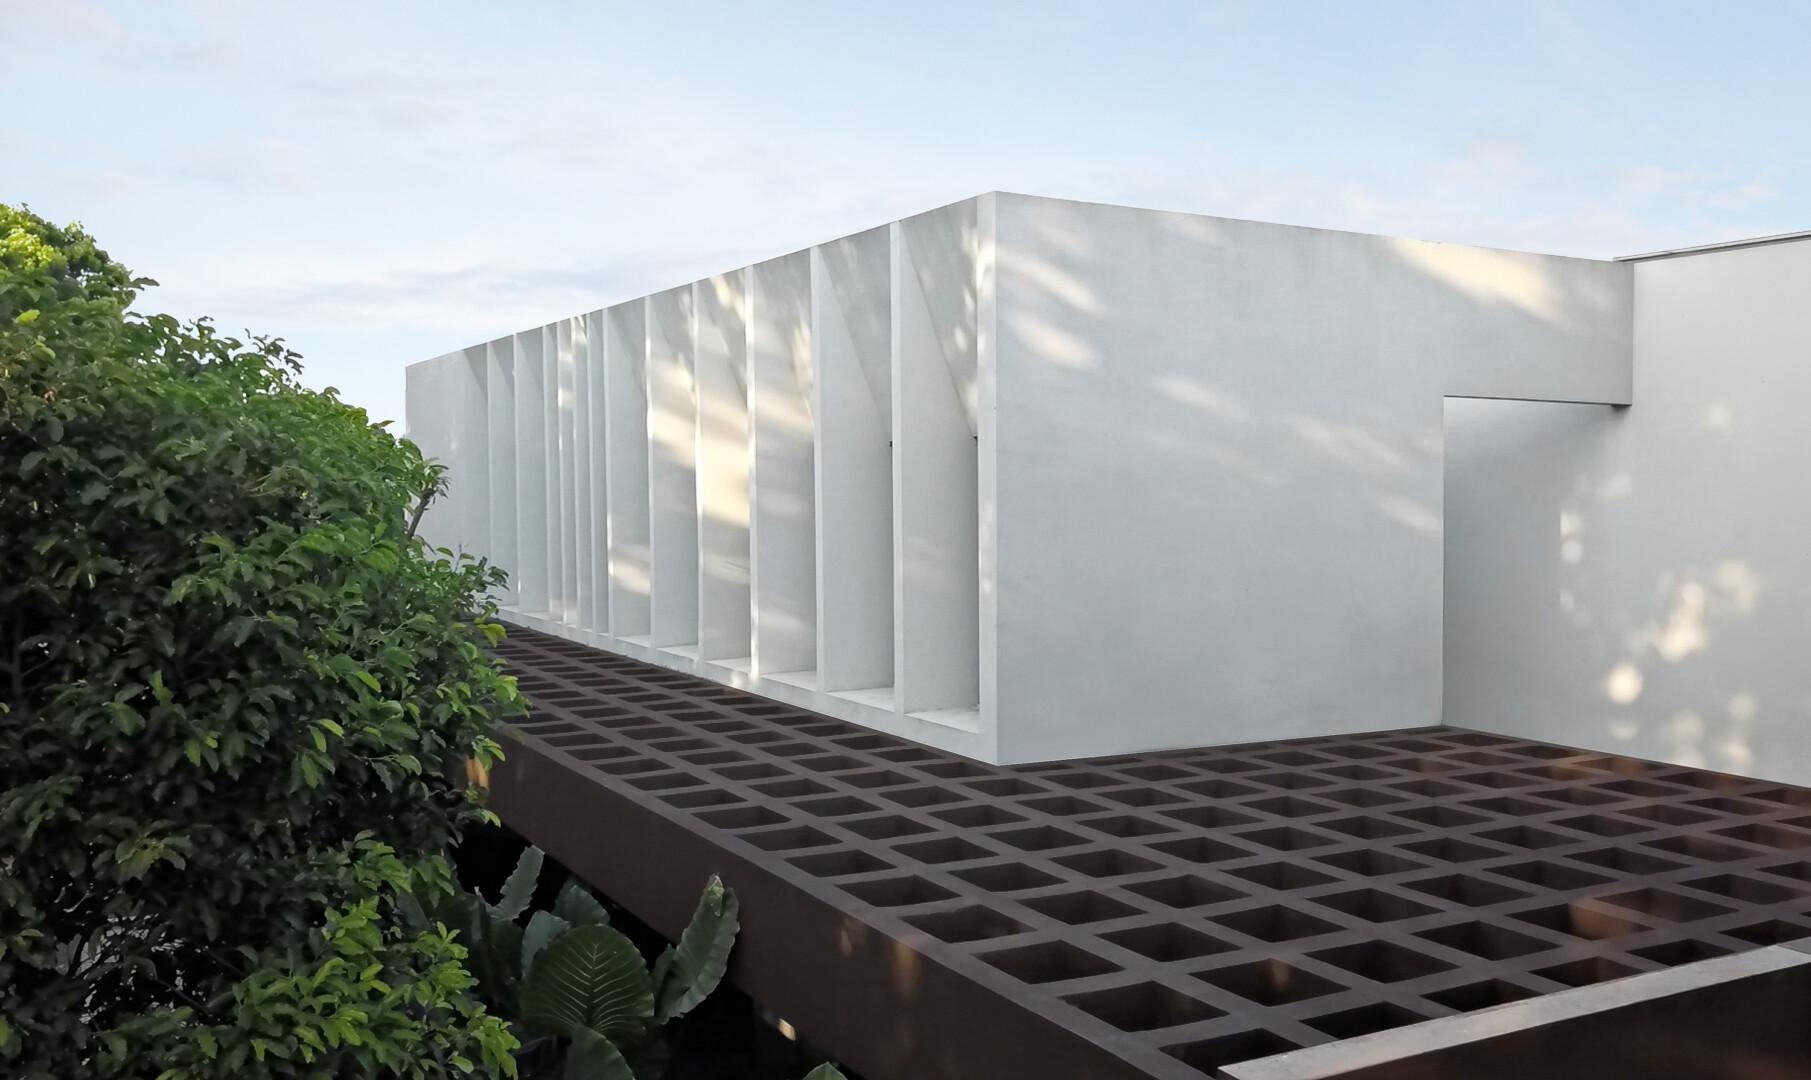 Rumah RifBagus - Image 4